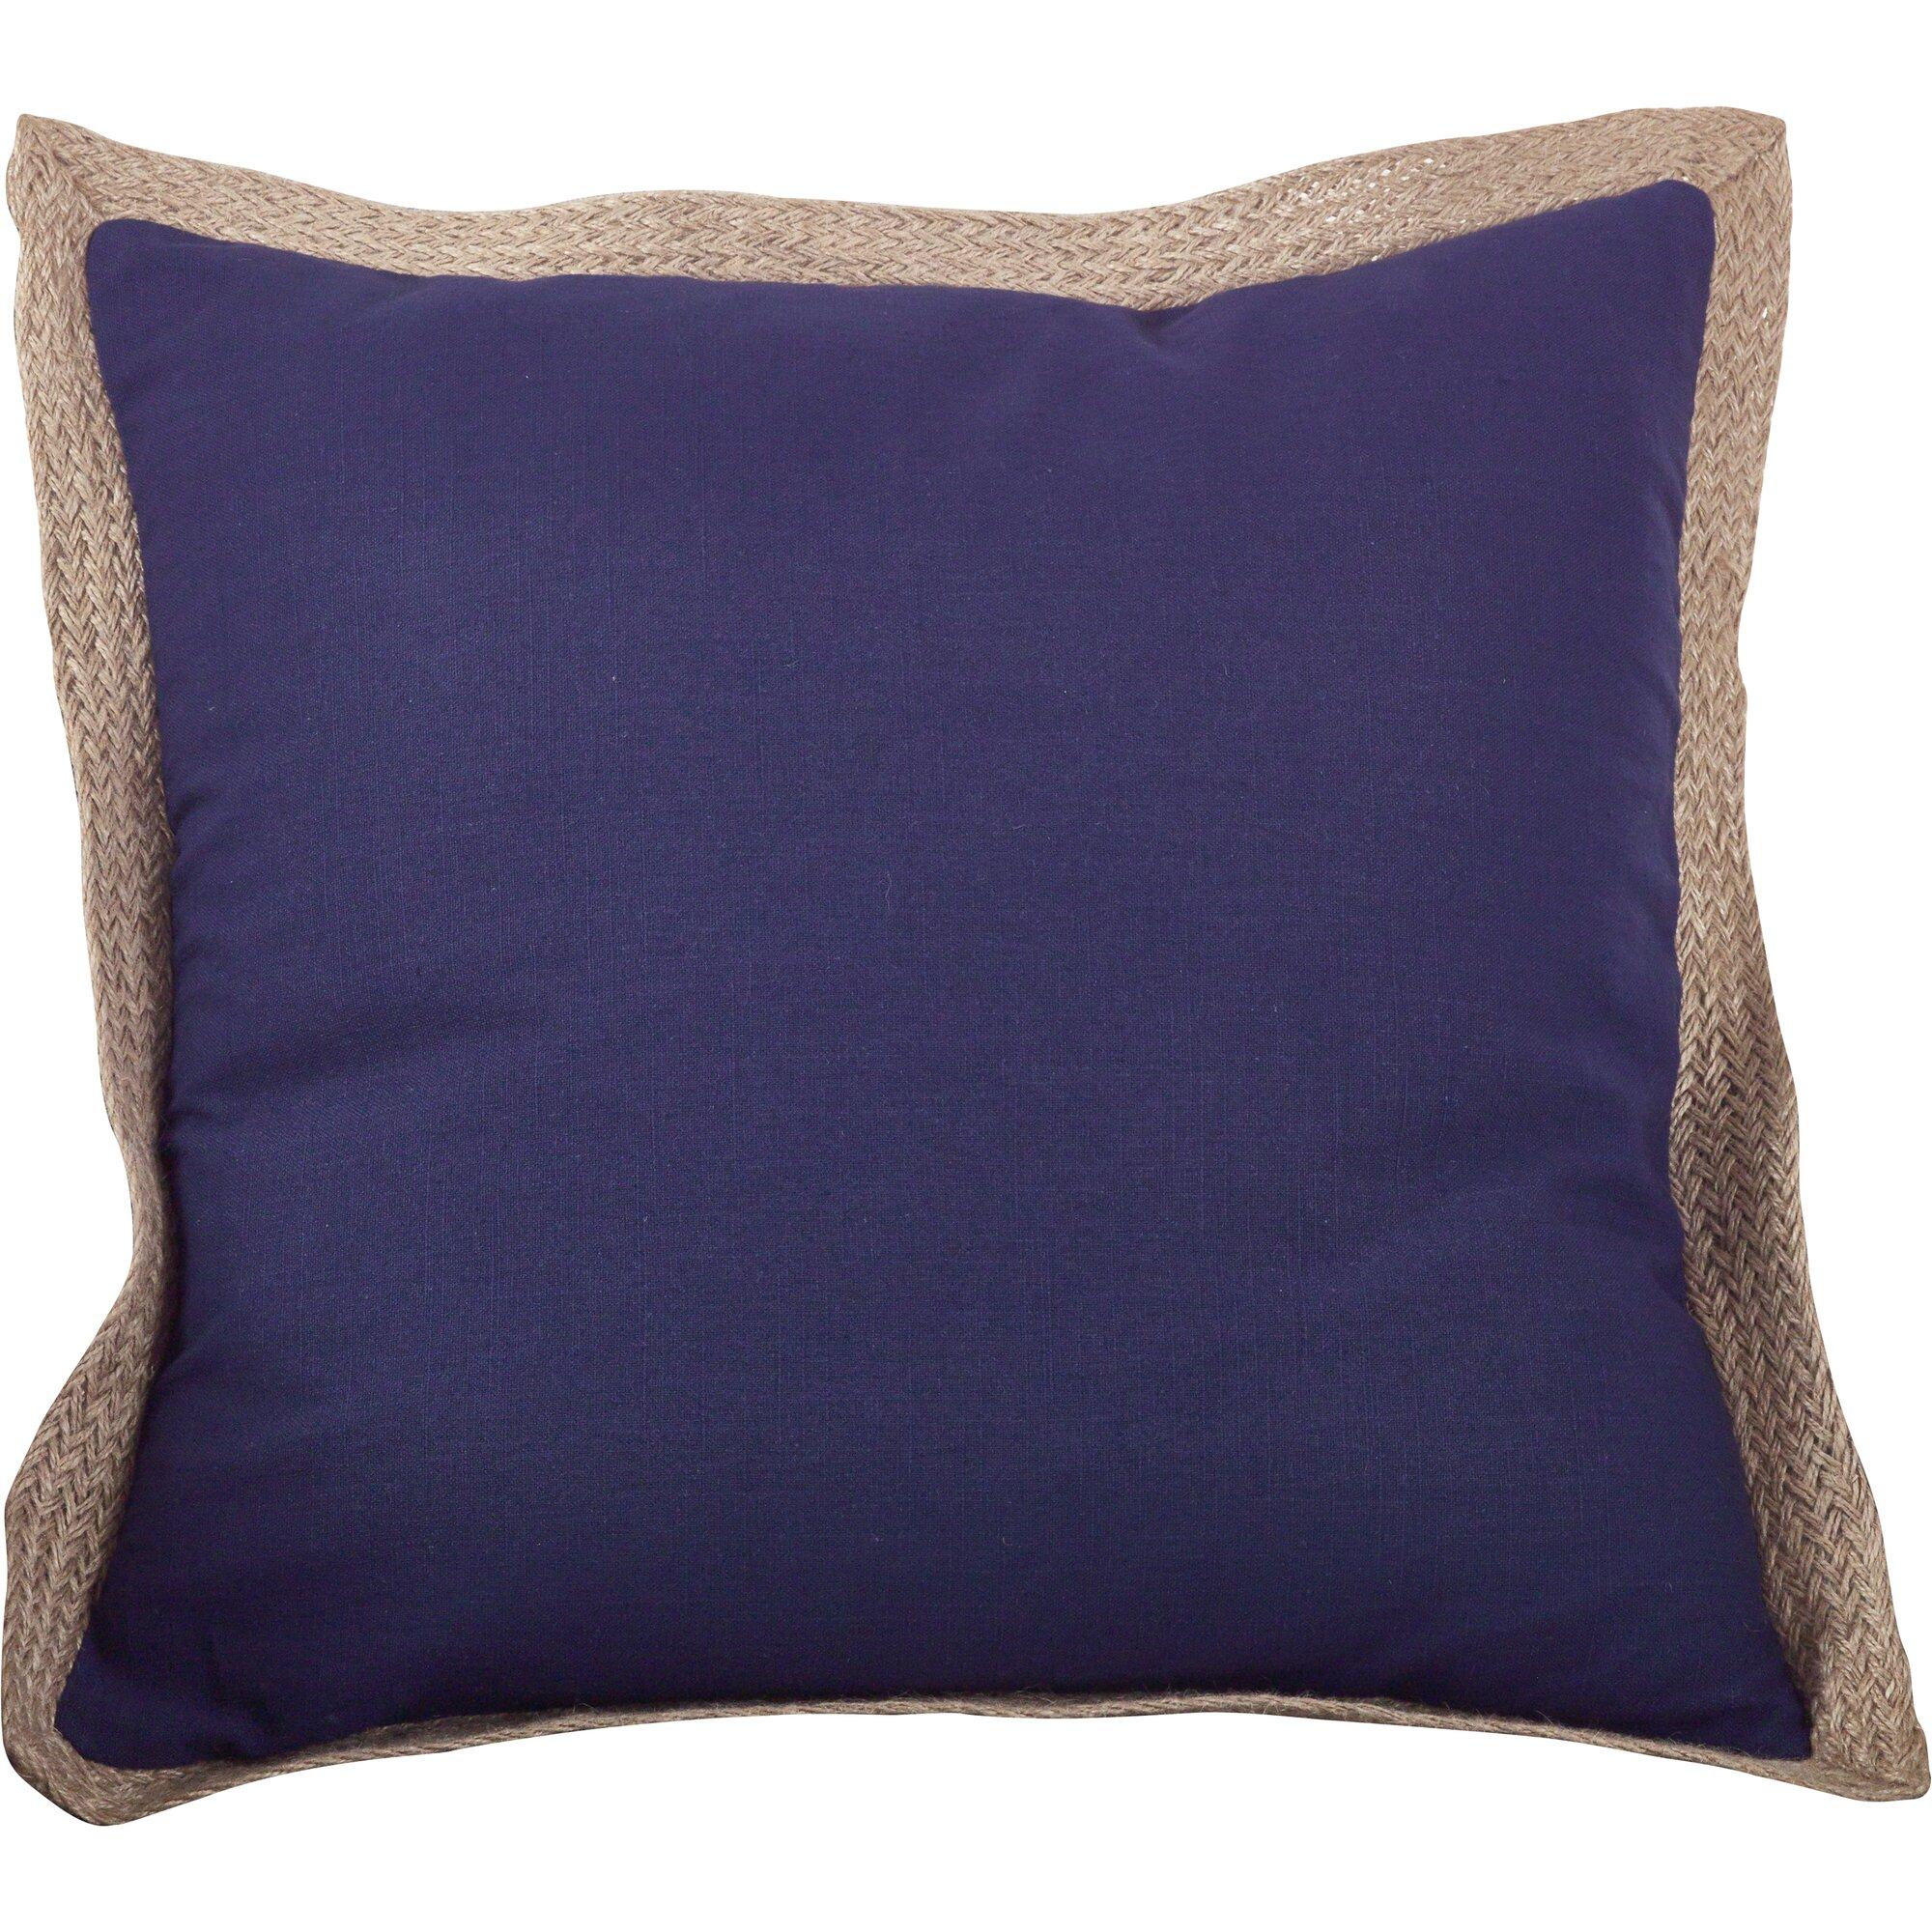 Jute Decorative Pillows : Saro Classic Jute Trim Cotton Throw Pillow & Reviews Wayfair